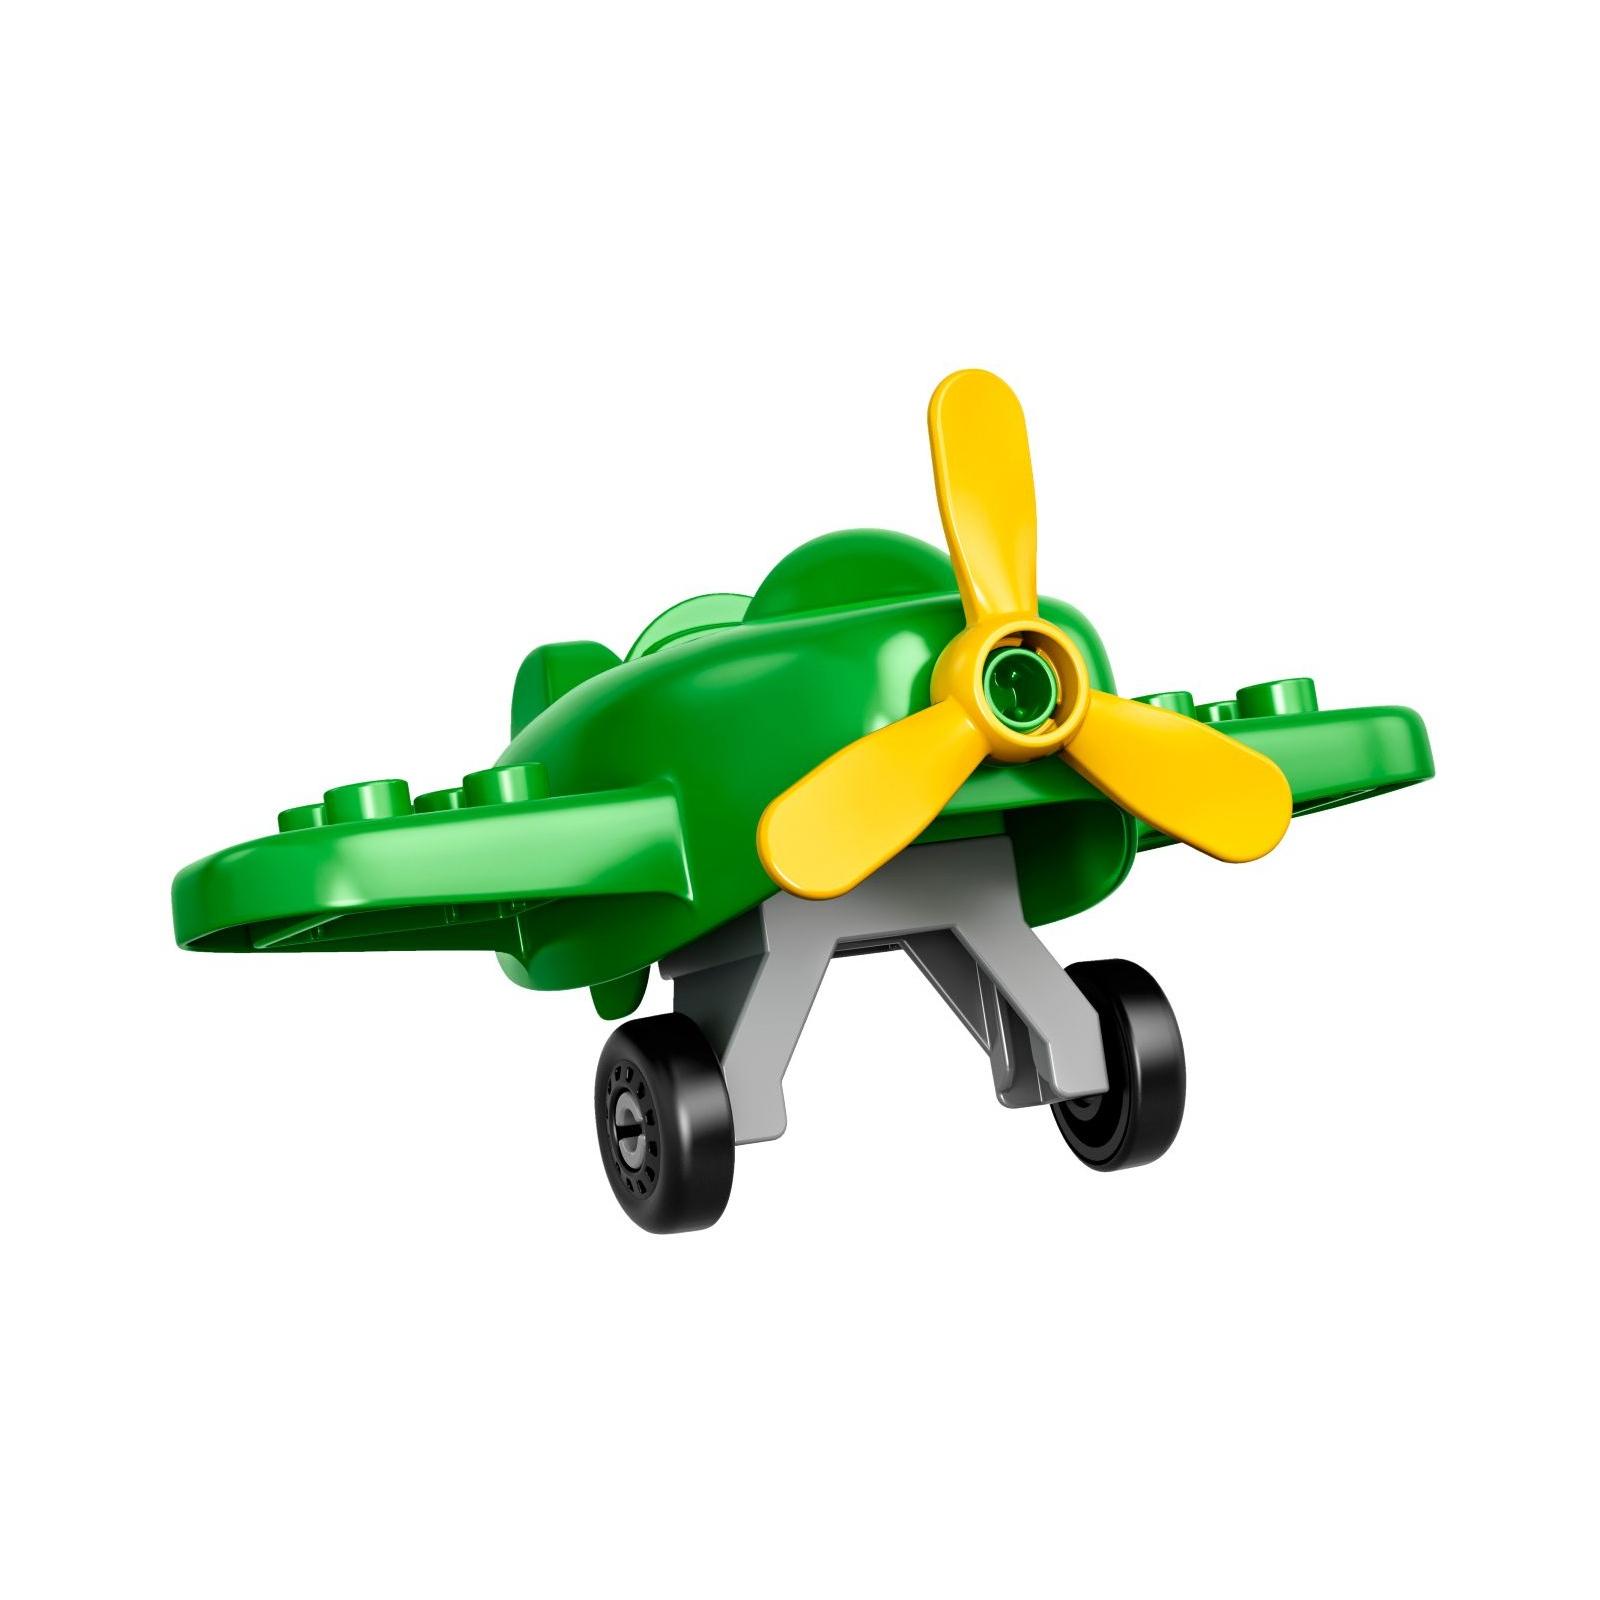 Конструктор LEGO Duplo Town Маленький самолёт (10808) изображение 5